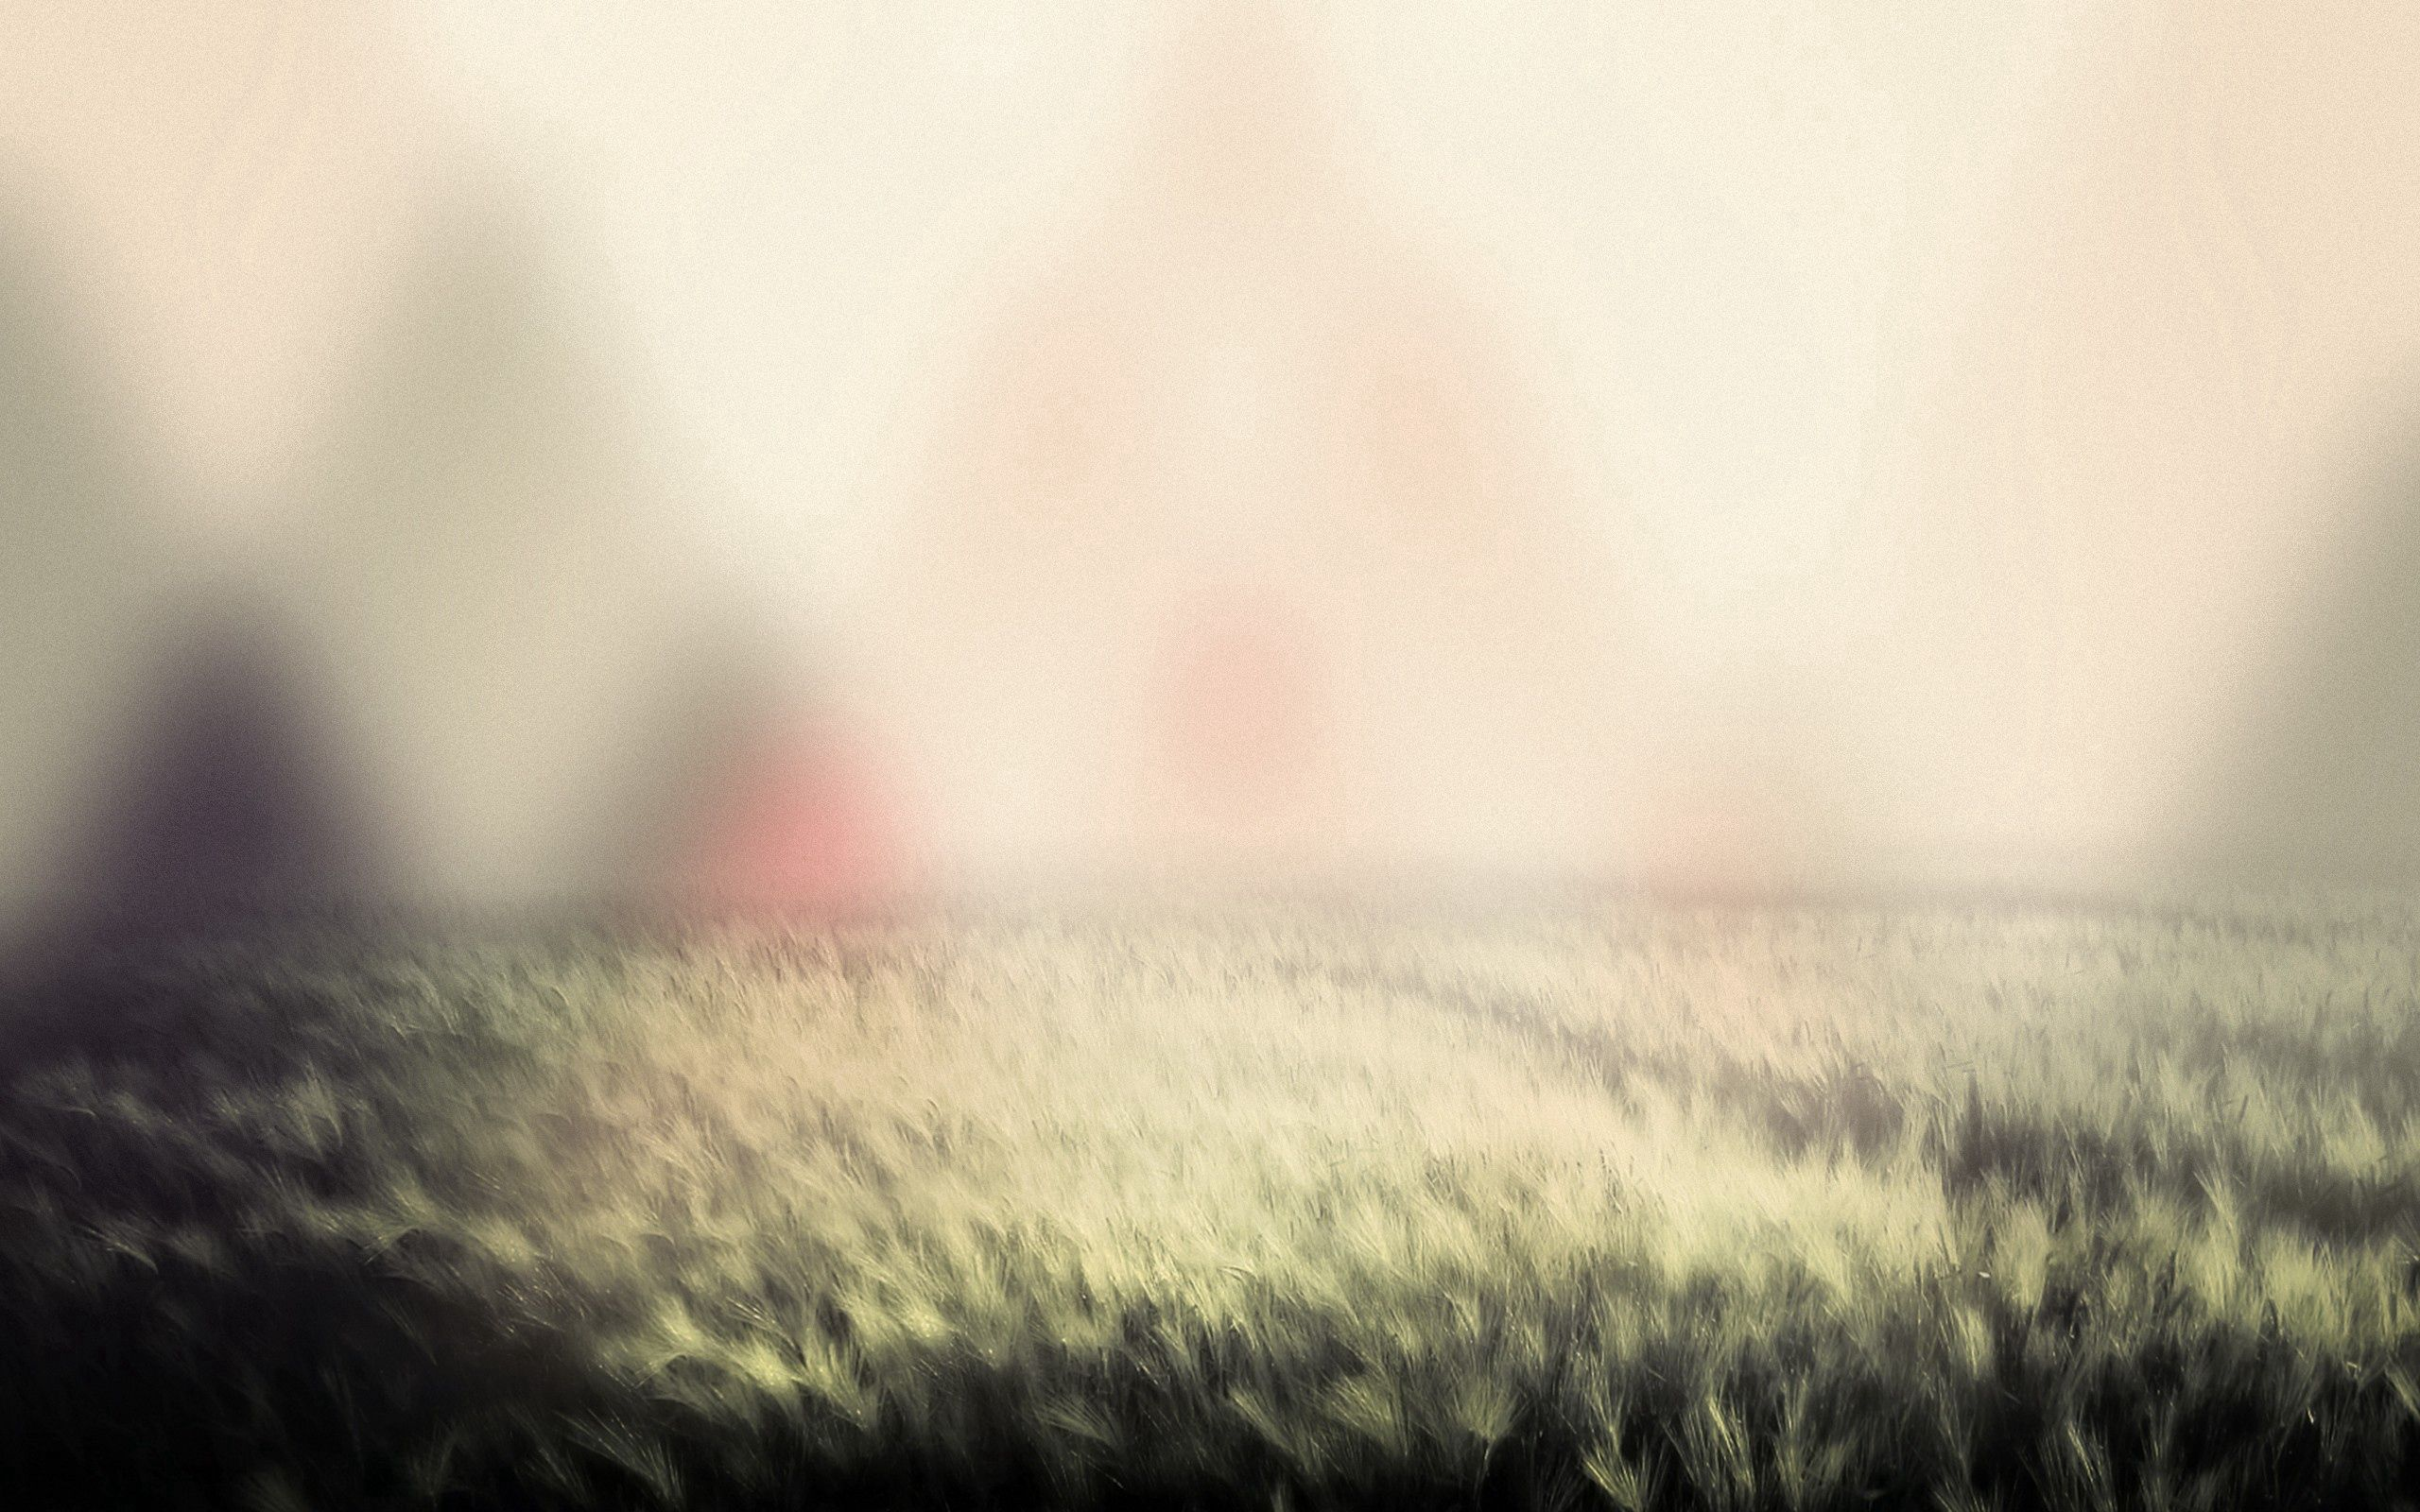 102986 скачать обои Макро, Трава, Свет, Туман - заставки и картинки бесплатно